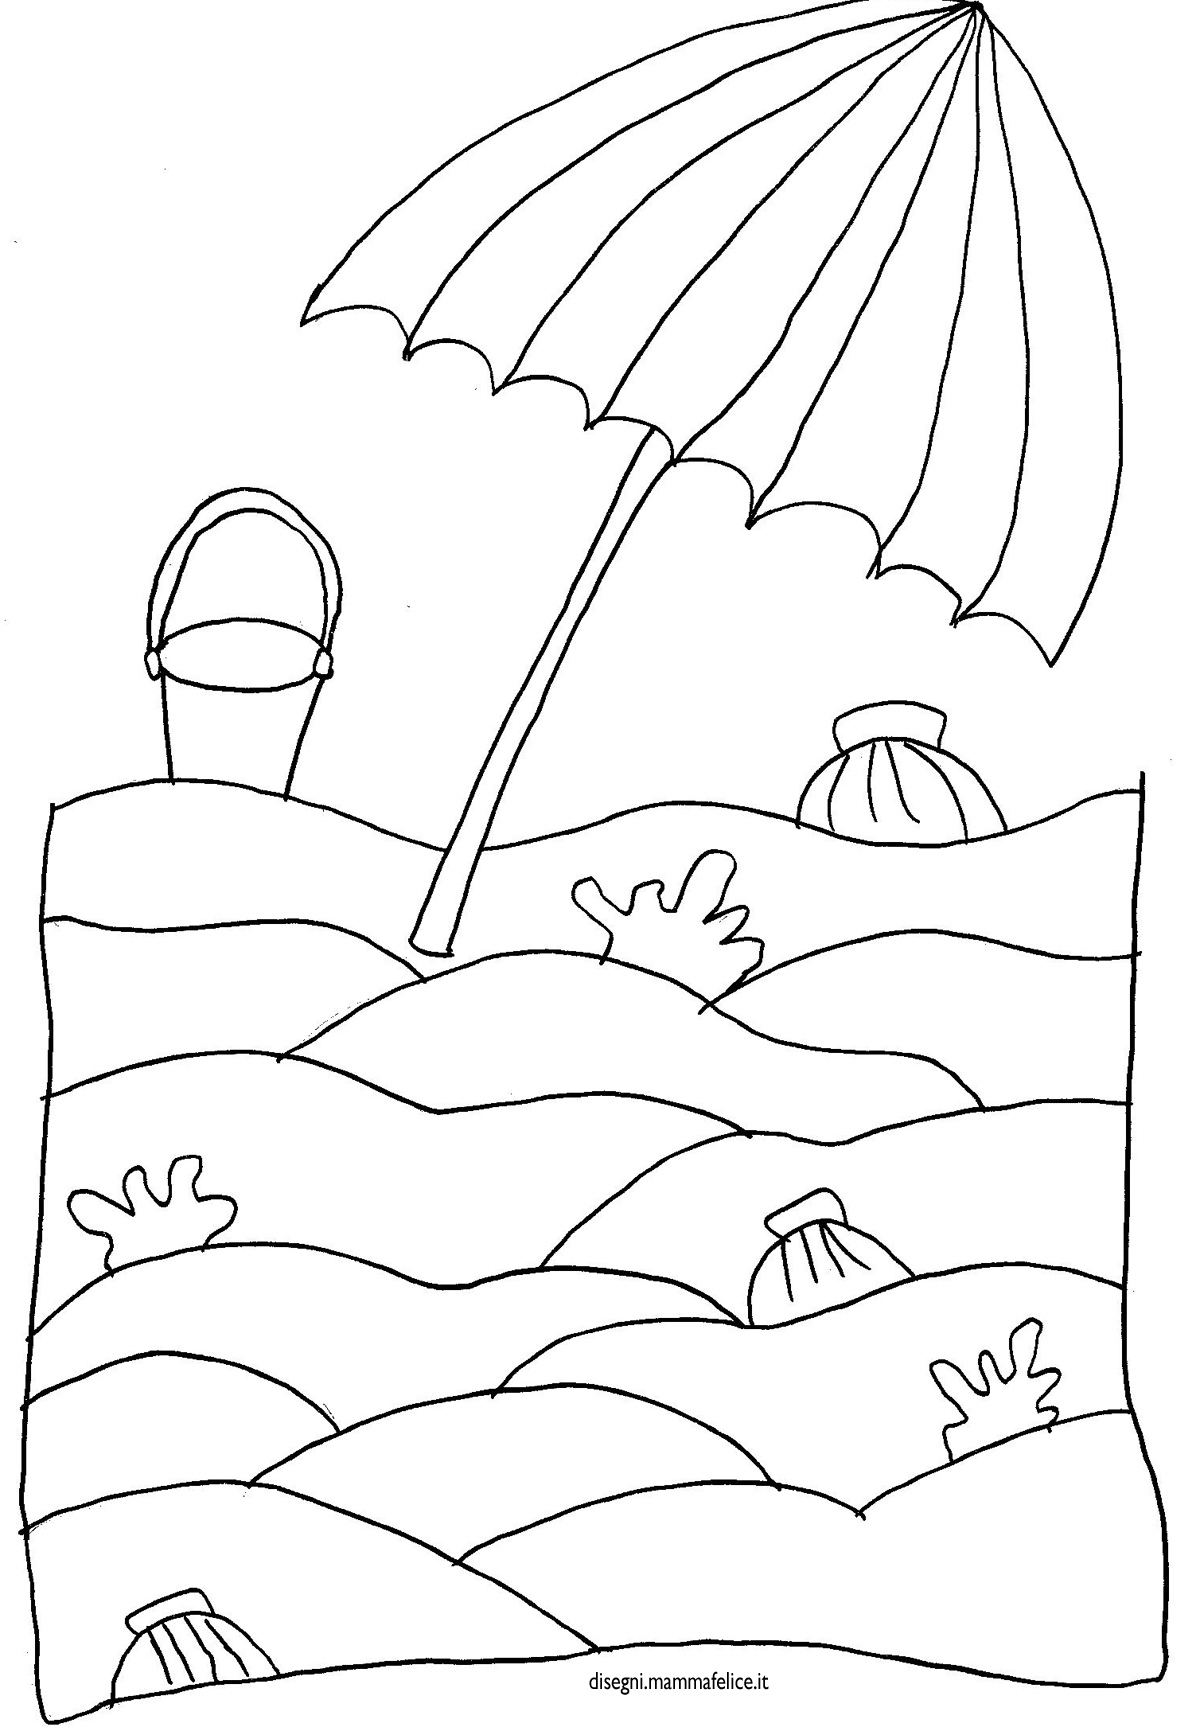 Disegno da colorare spiaggia e ombrellone disegni for Pesci da disegnare per bambini